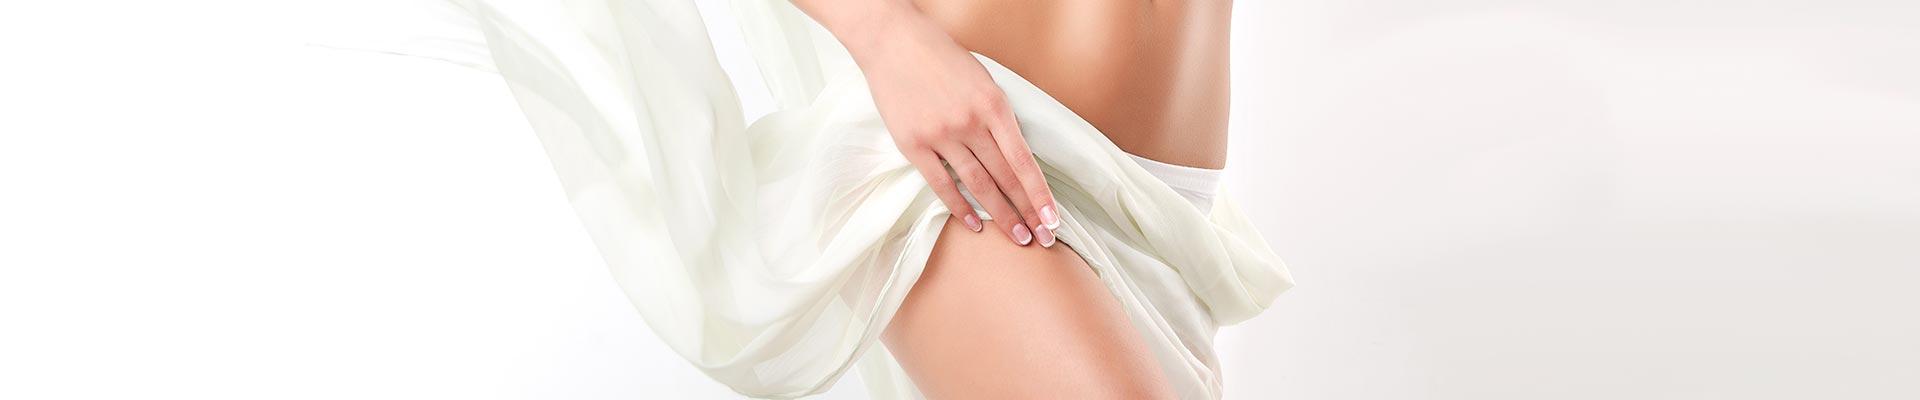 Labioplastia (Plástica Íntima Feminina)